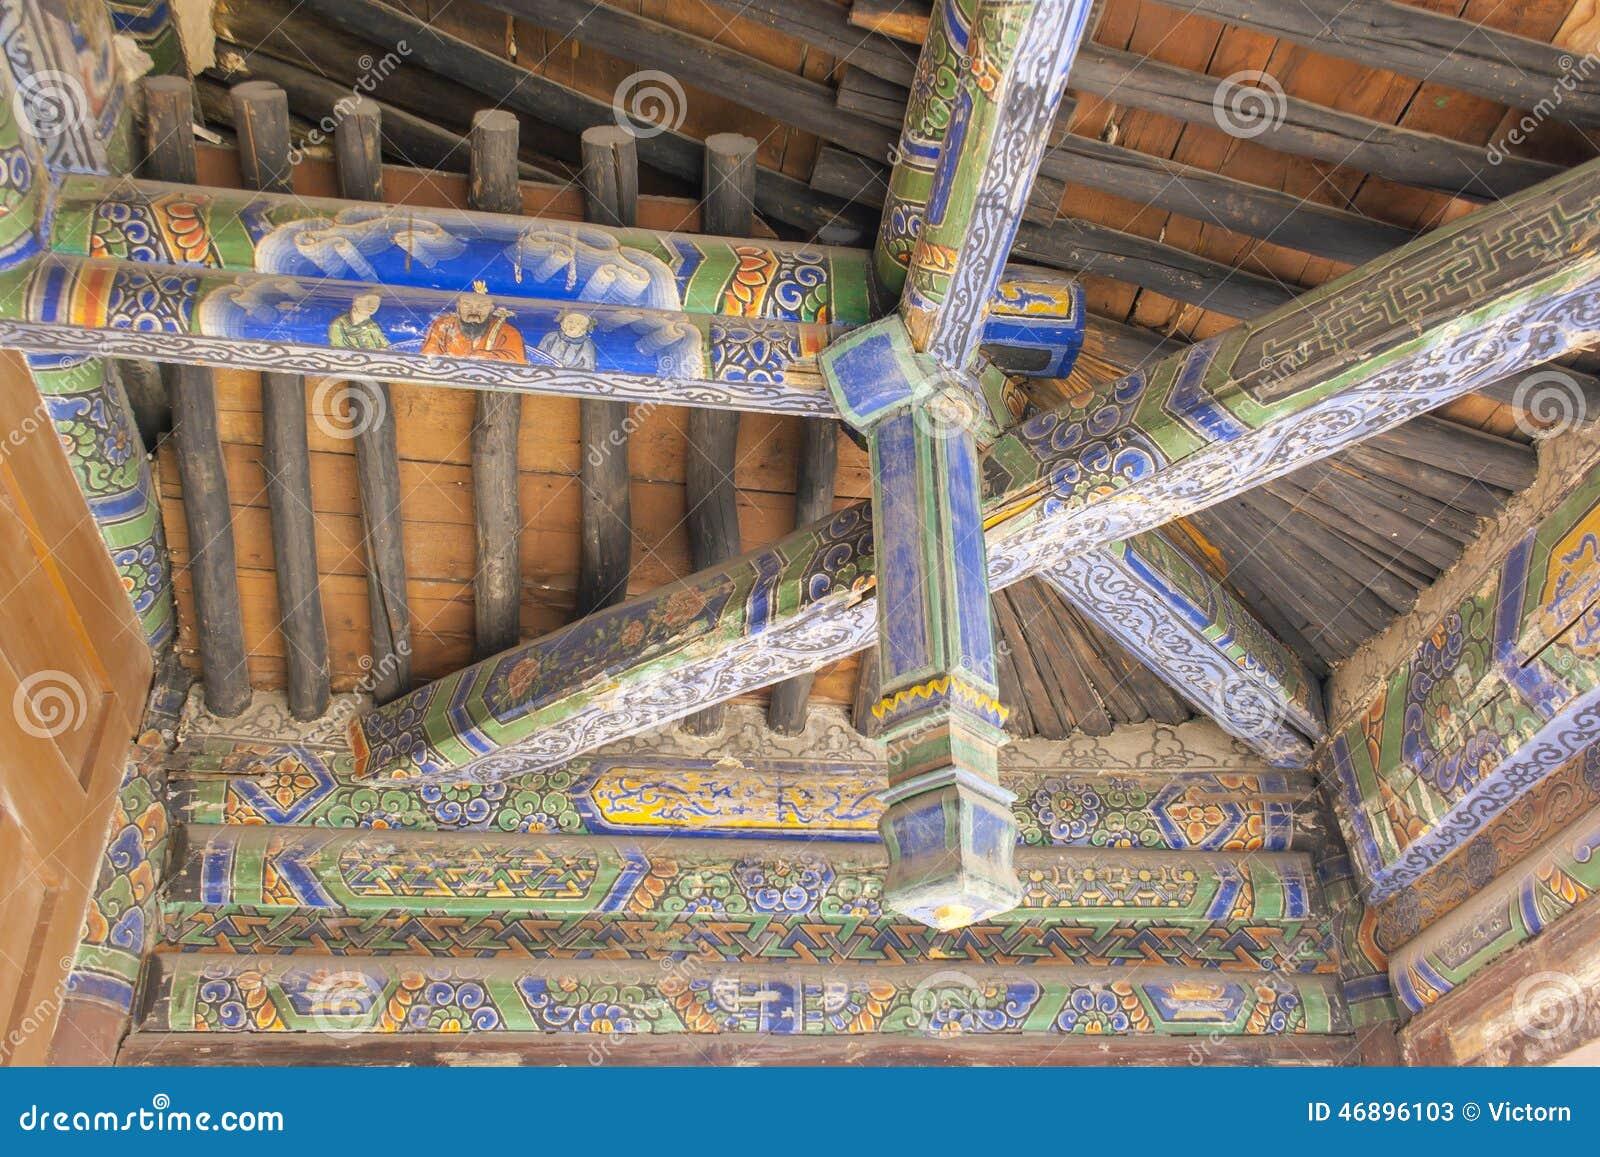 Tejado de madera viejo de la viga transversal foto de - Tejado madera ...